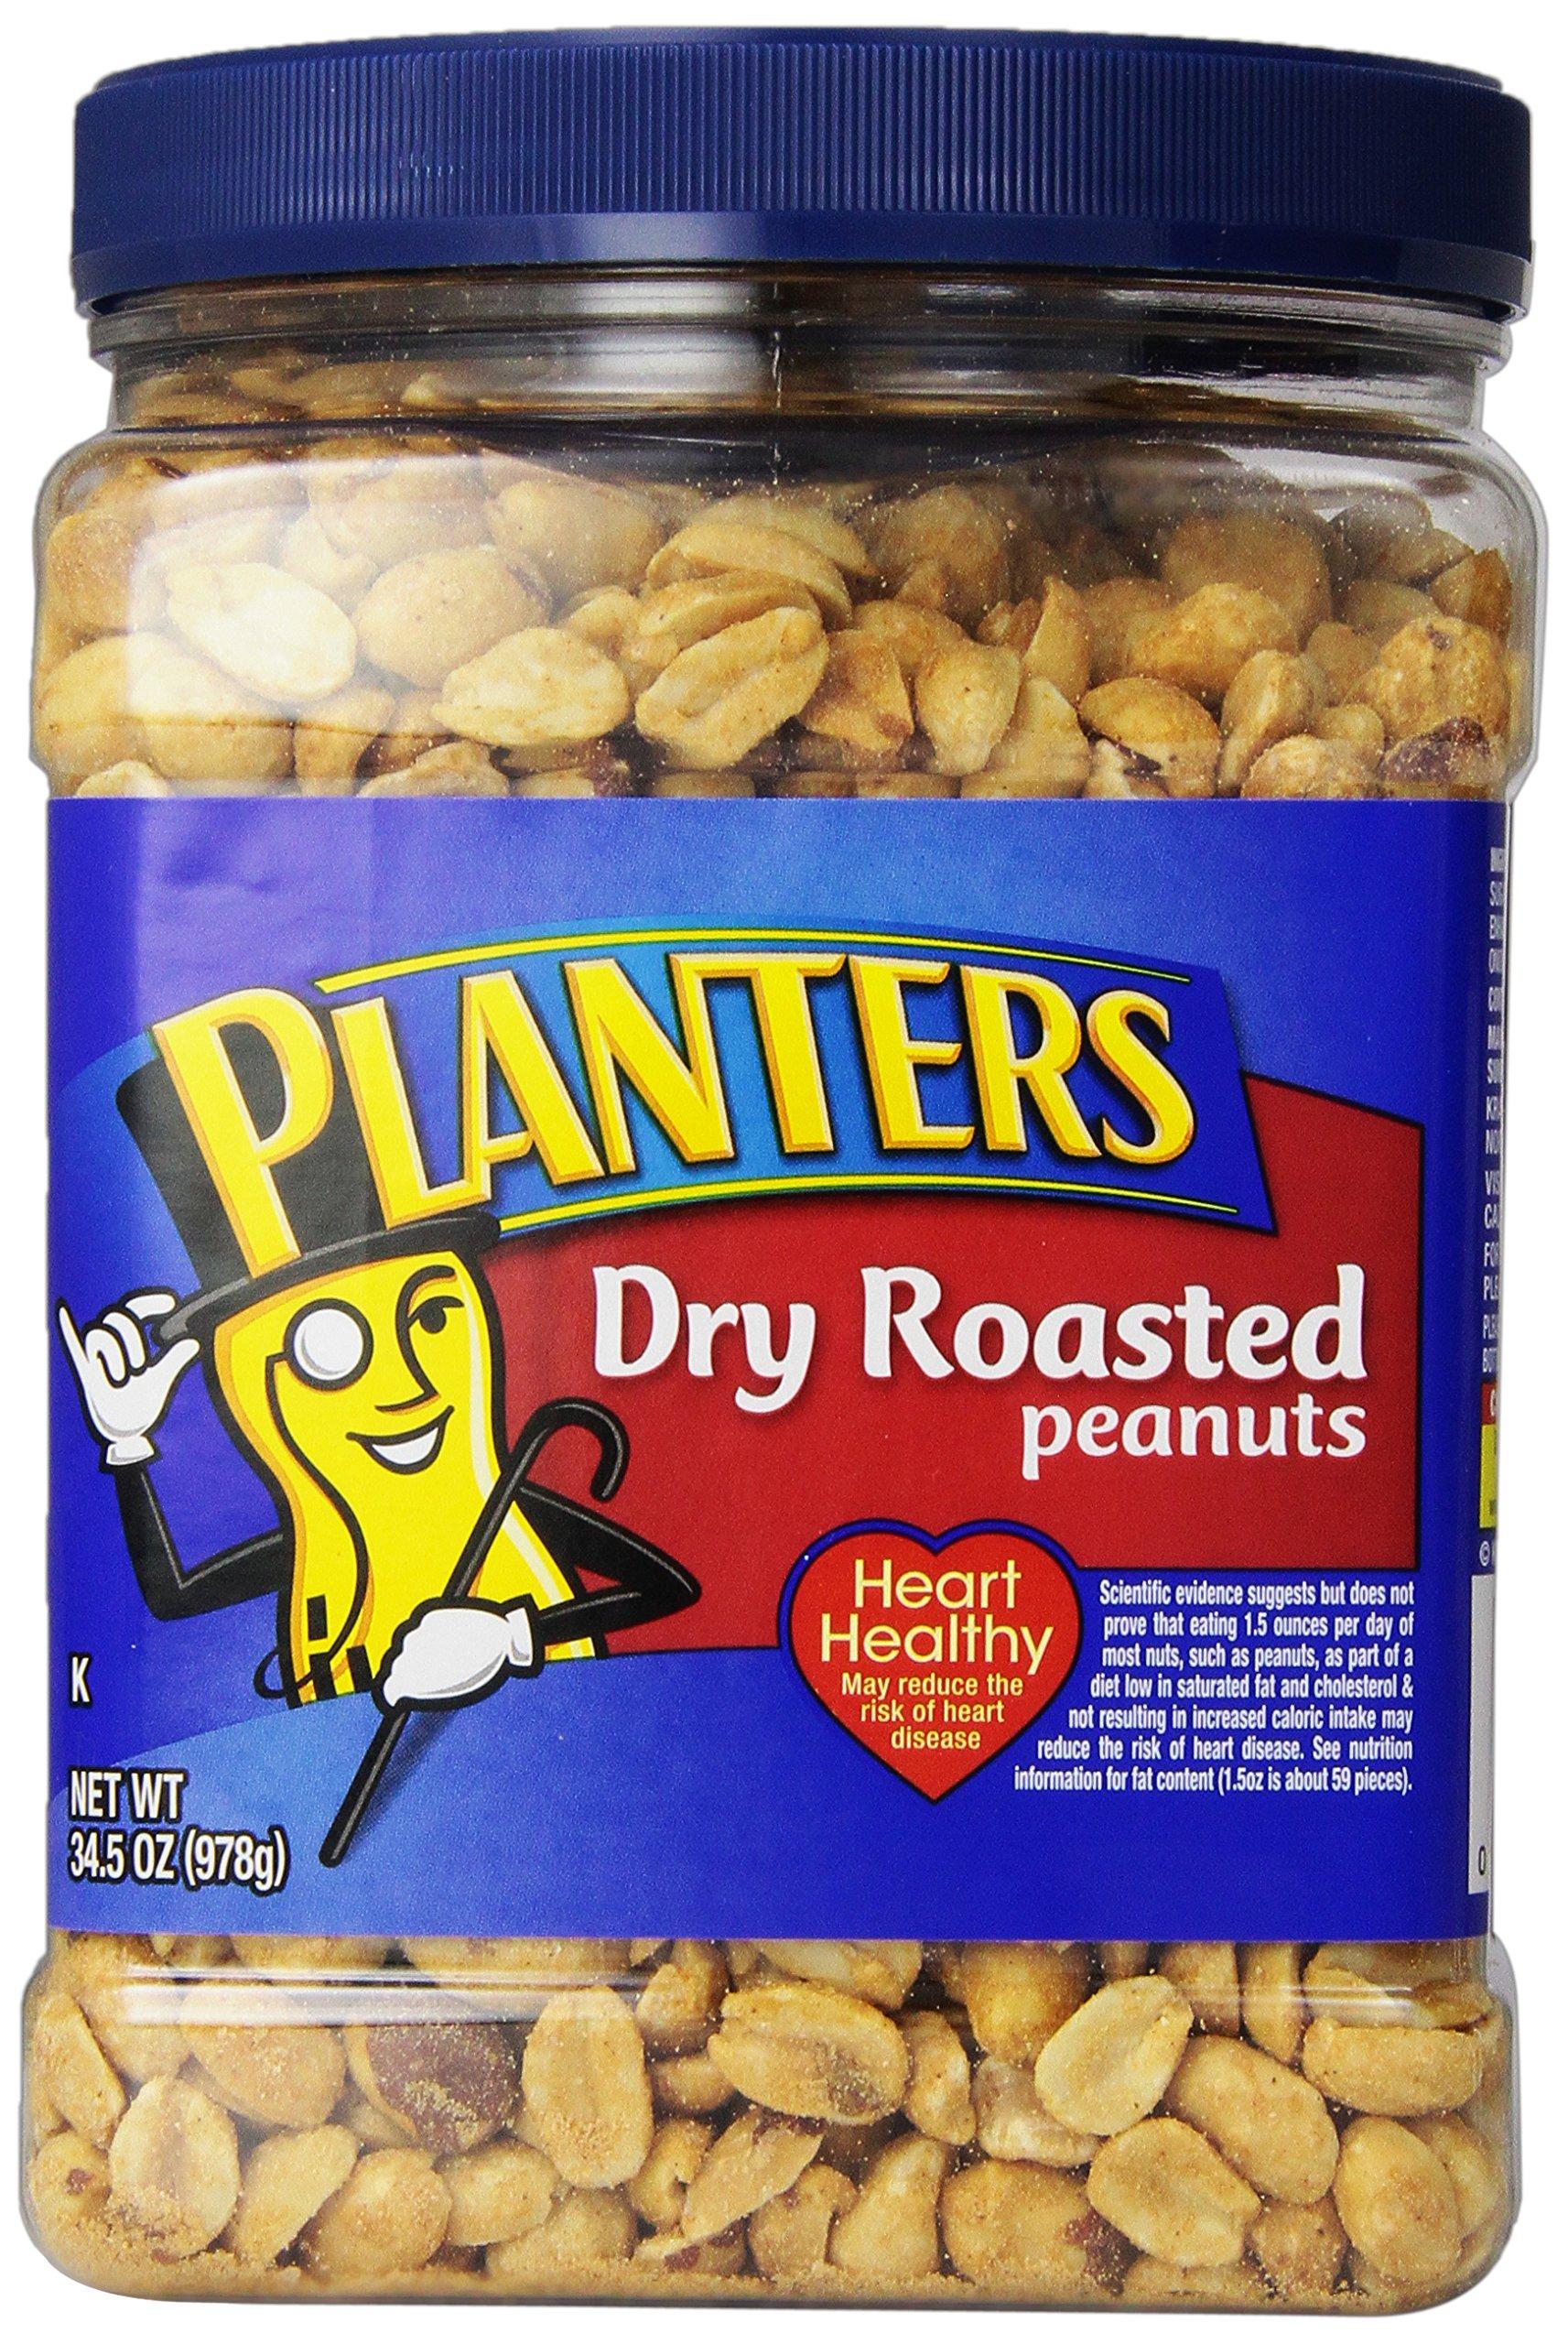 Planters Dry Roasted Peanuts, Dry Roasted, Sea Salt, 34.5 Ounce (Pack of 6)